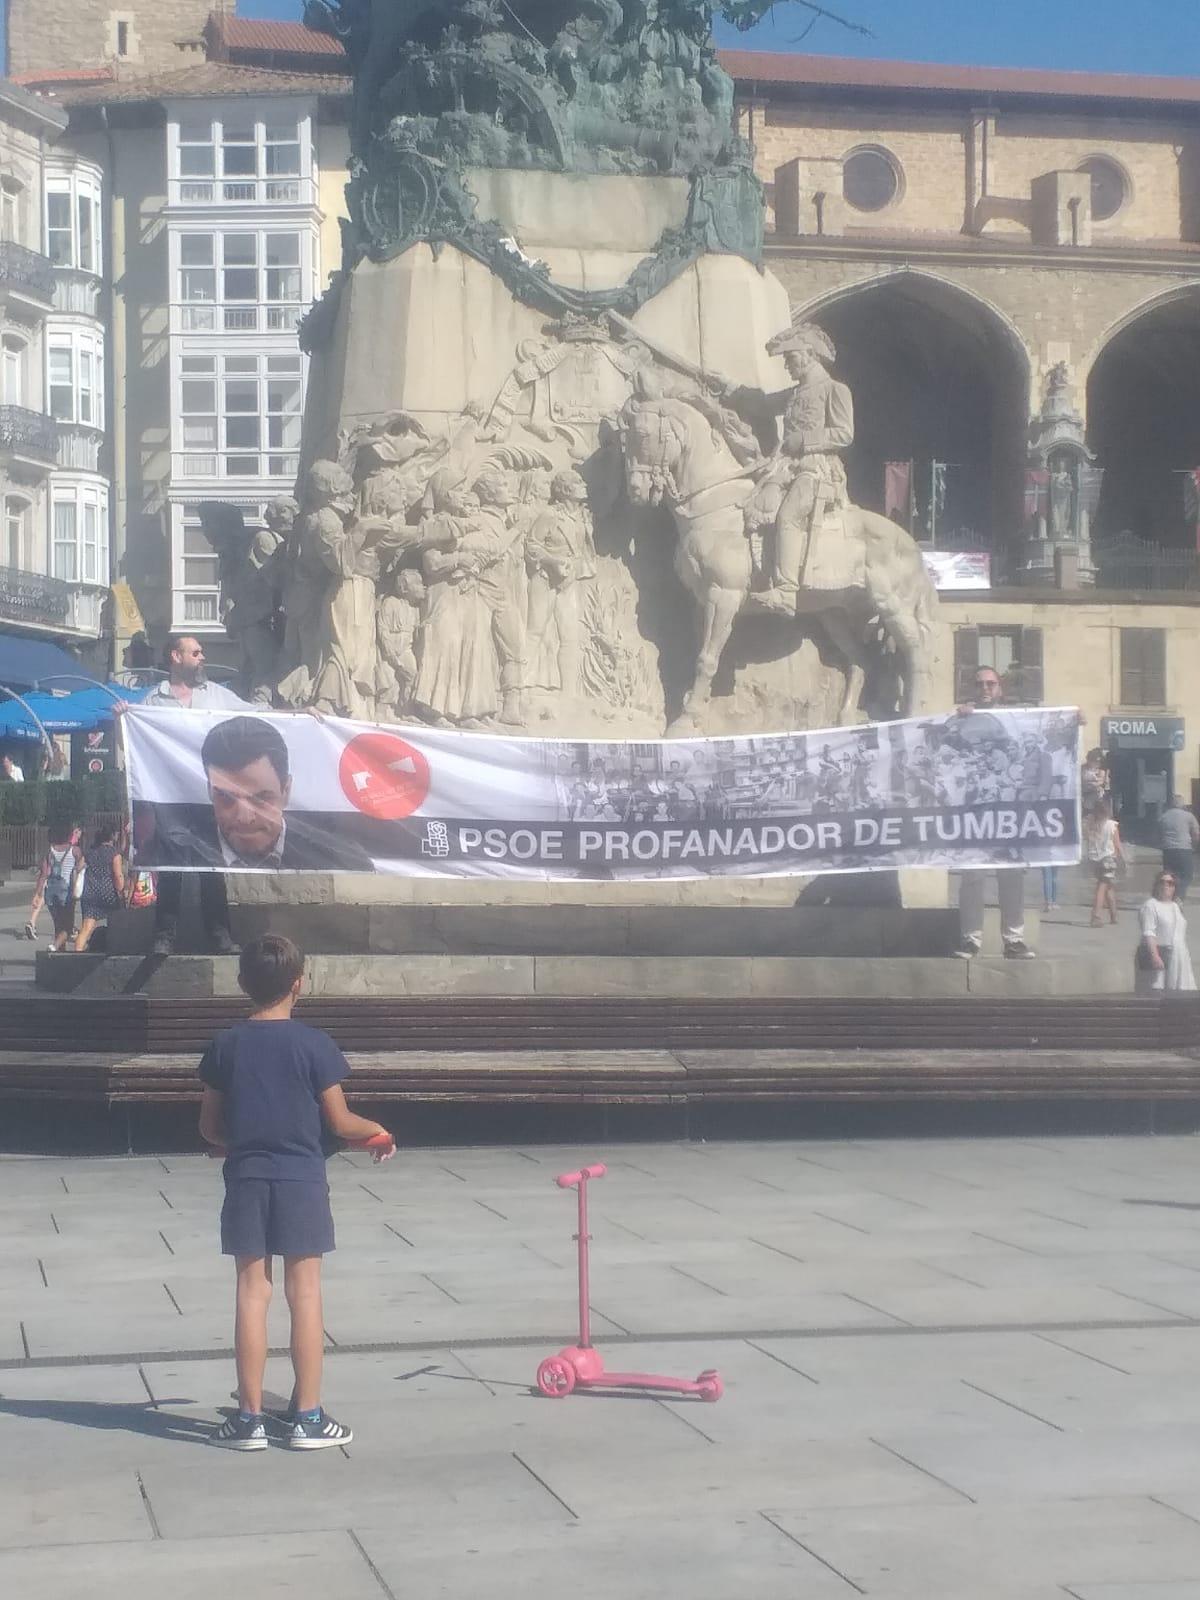 Protesta en Vitoria contra la profanación del Valle de los Caídos